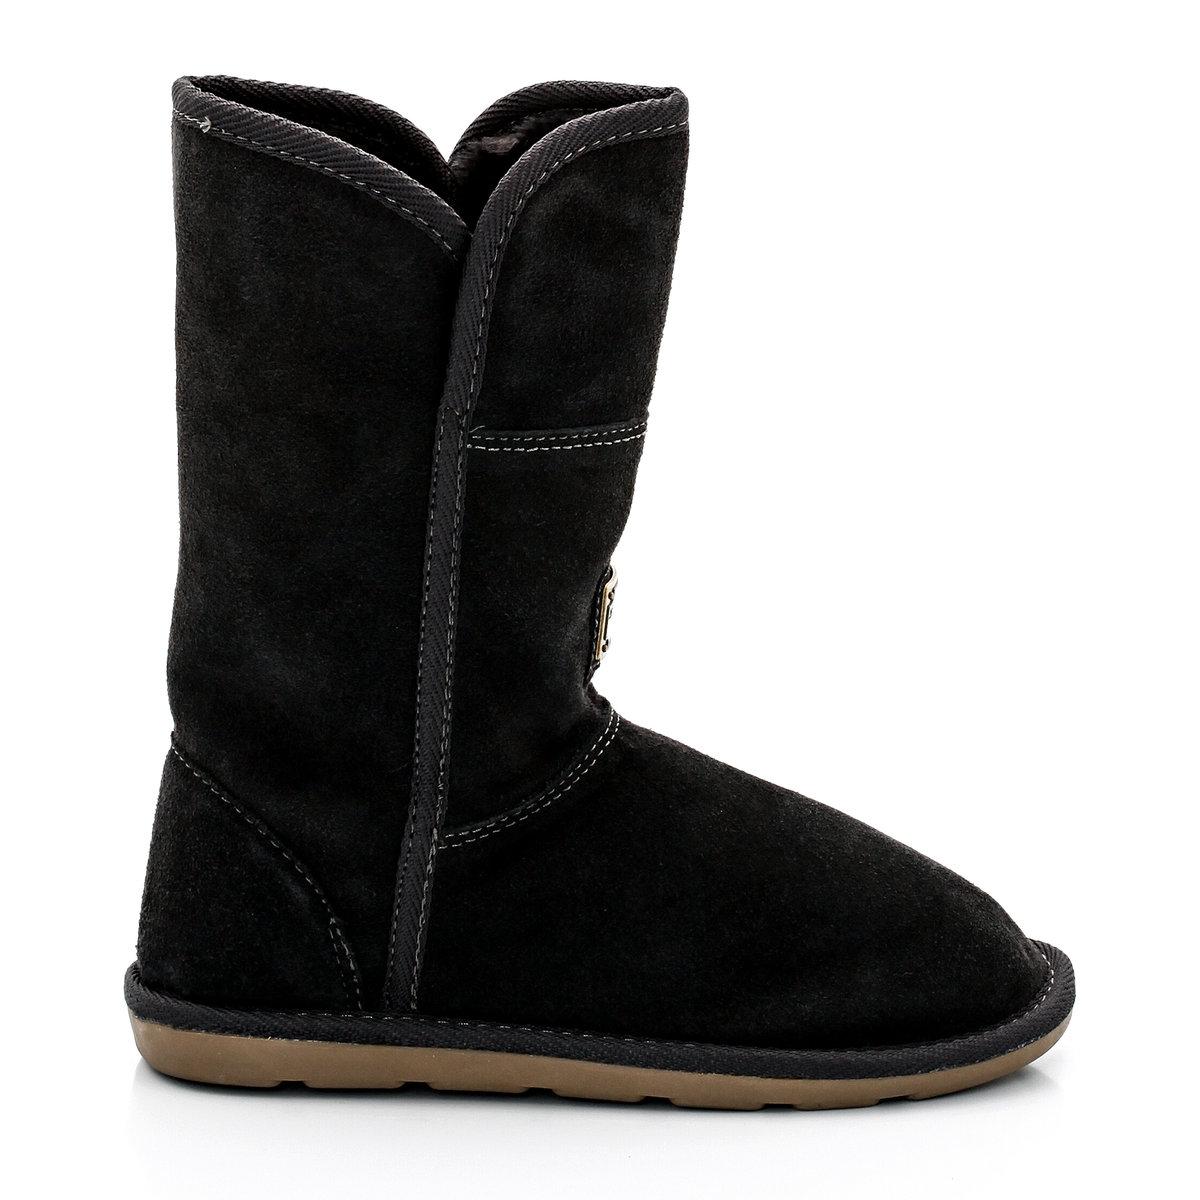 Сапоги Arctique из кожи с меховой отделкойЛегко носить, легко надевать: модные сапоги Arctique  - стильная защита детских ног!<br><br>Цвет: серый<br>Размер: 30